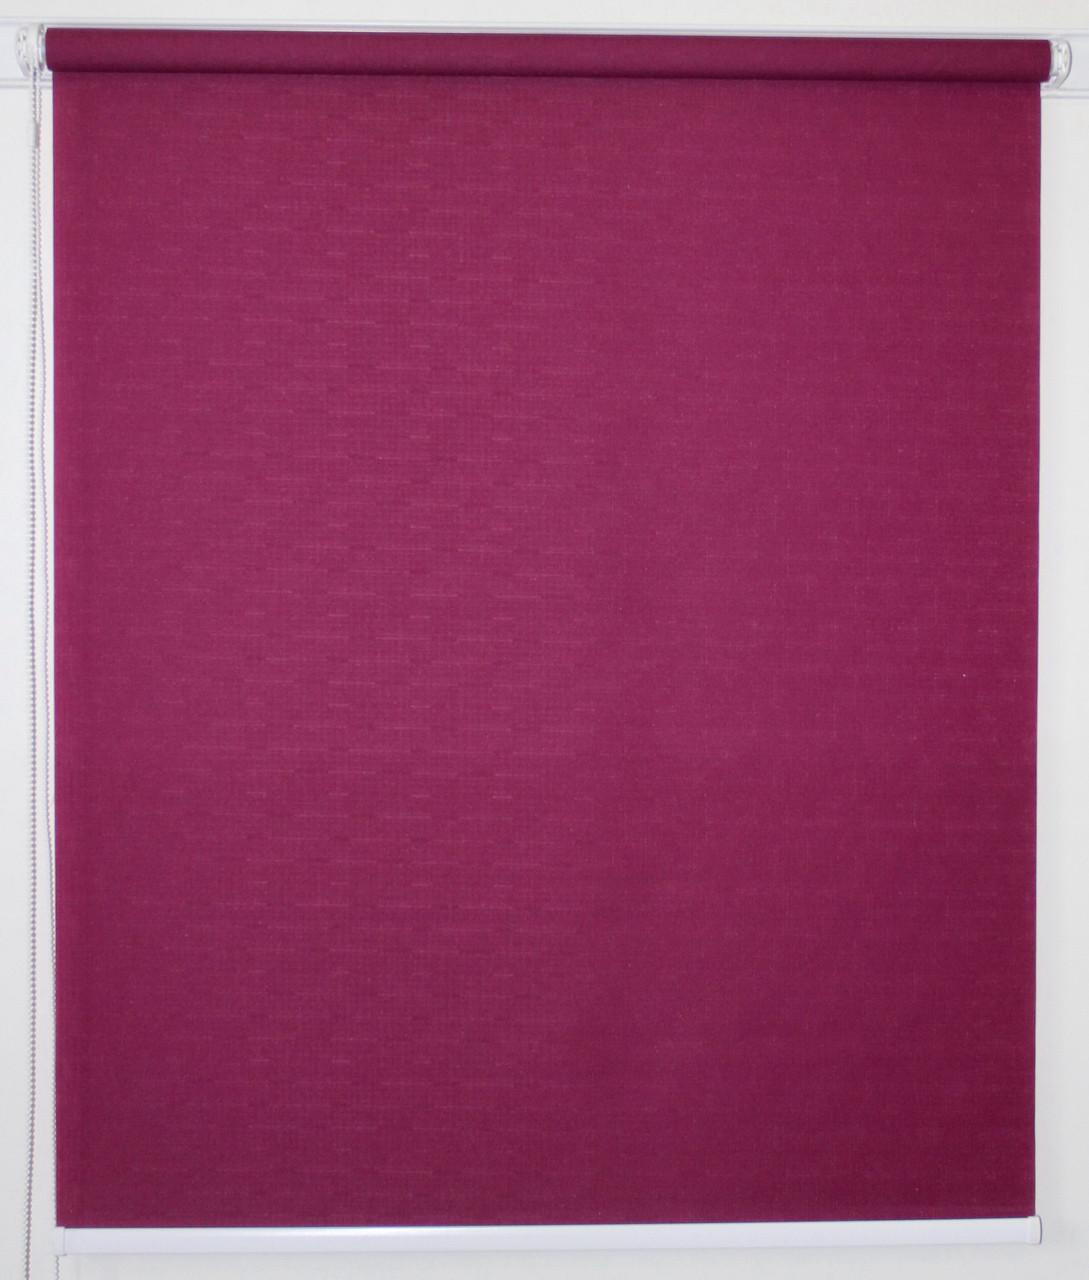 Рулонная штора 950*1500 Ткань Лён 7446 Пурпурно-красный